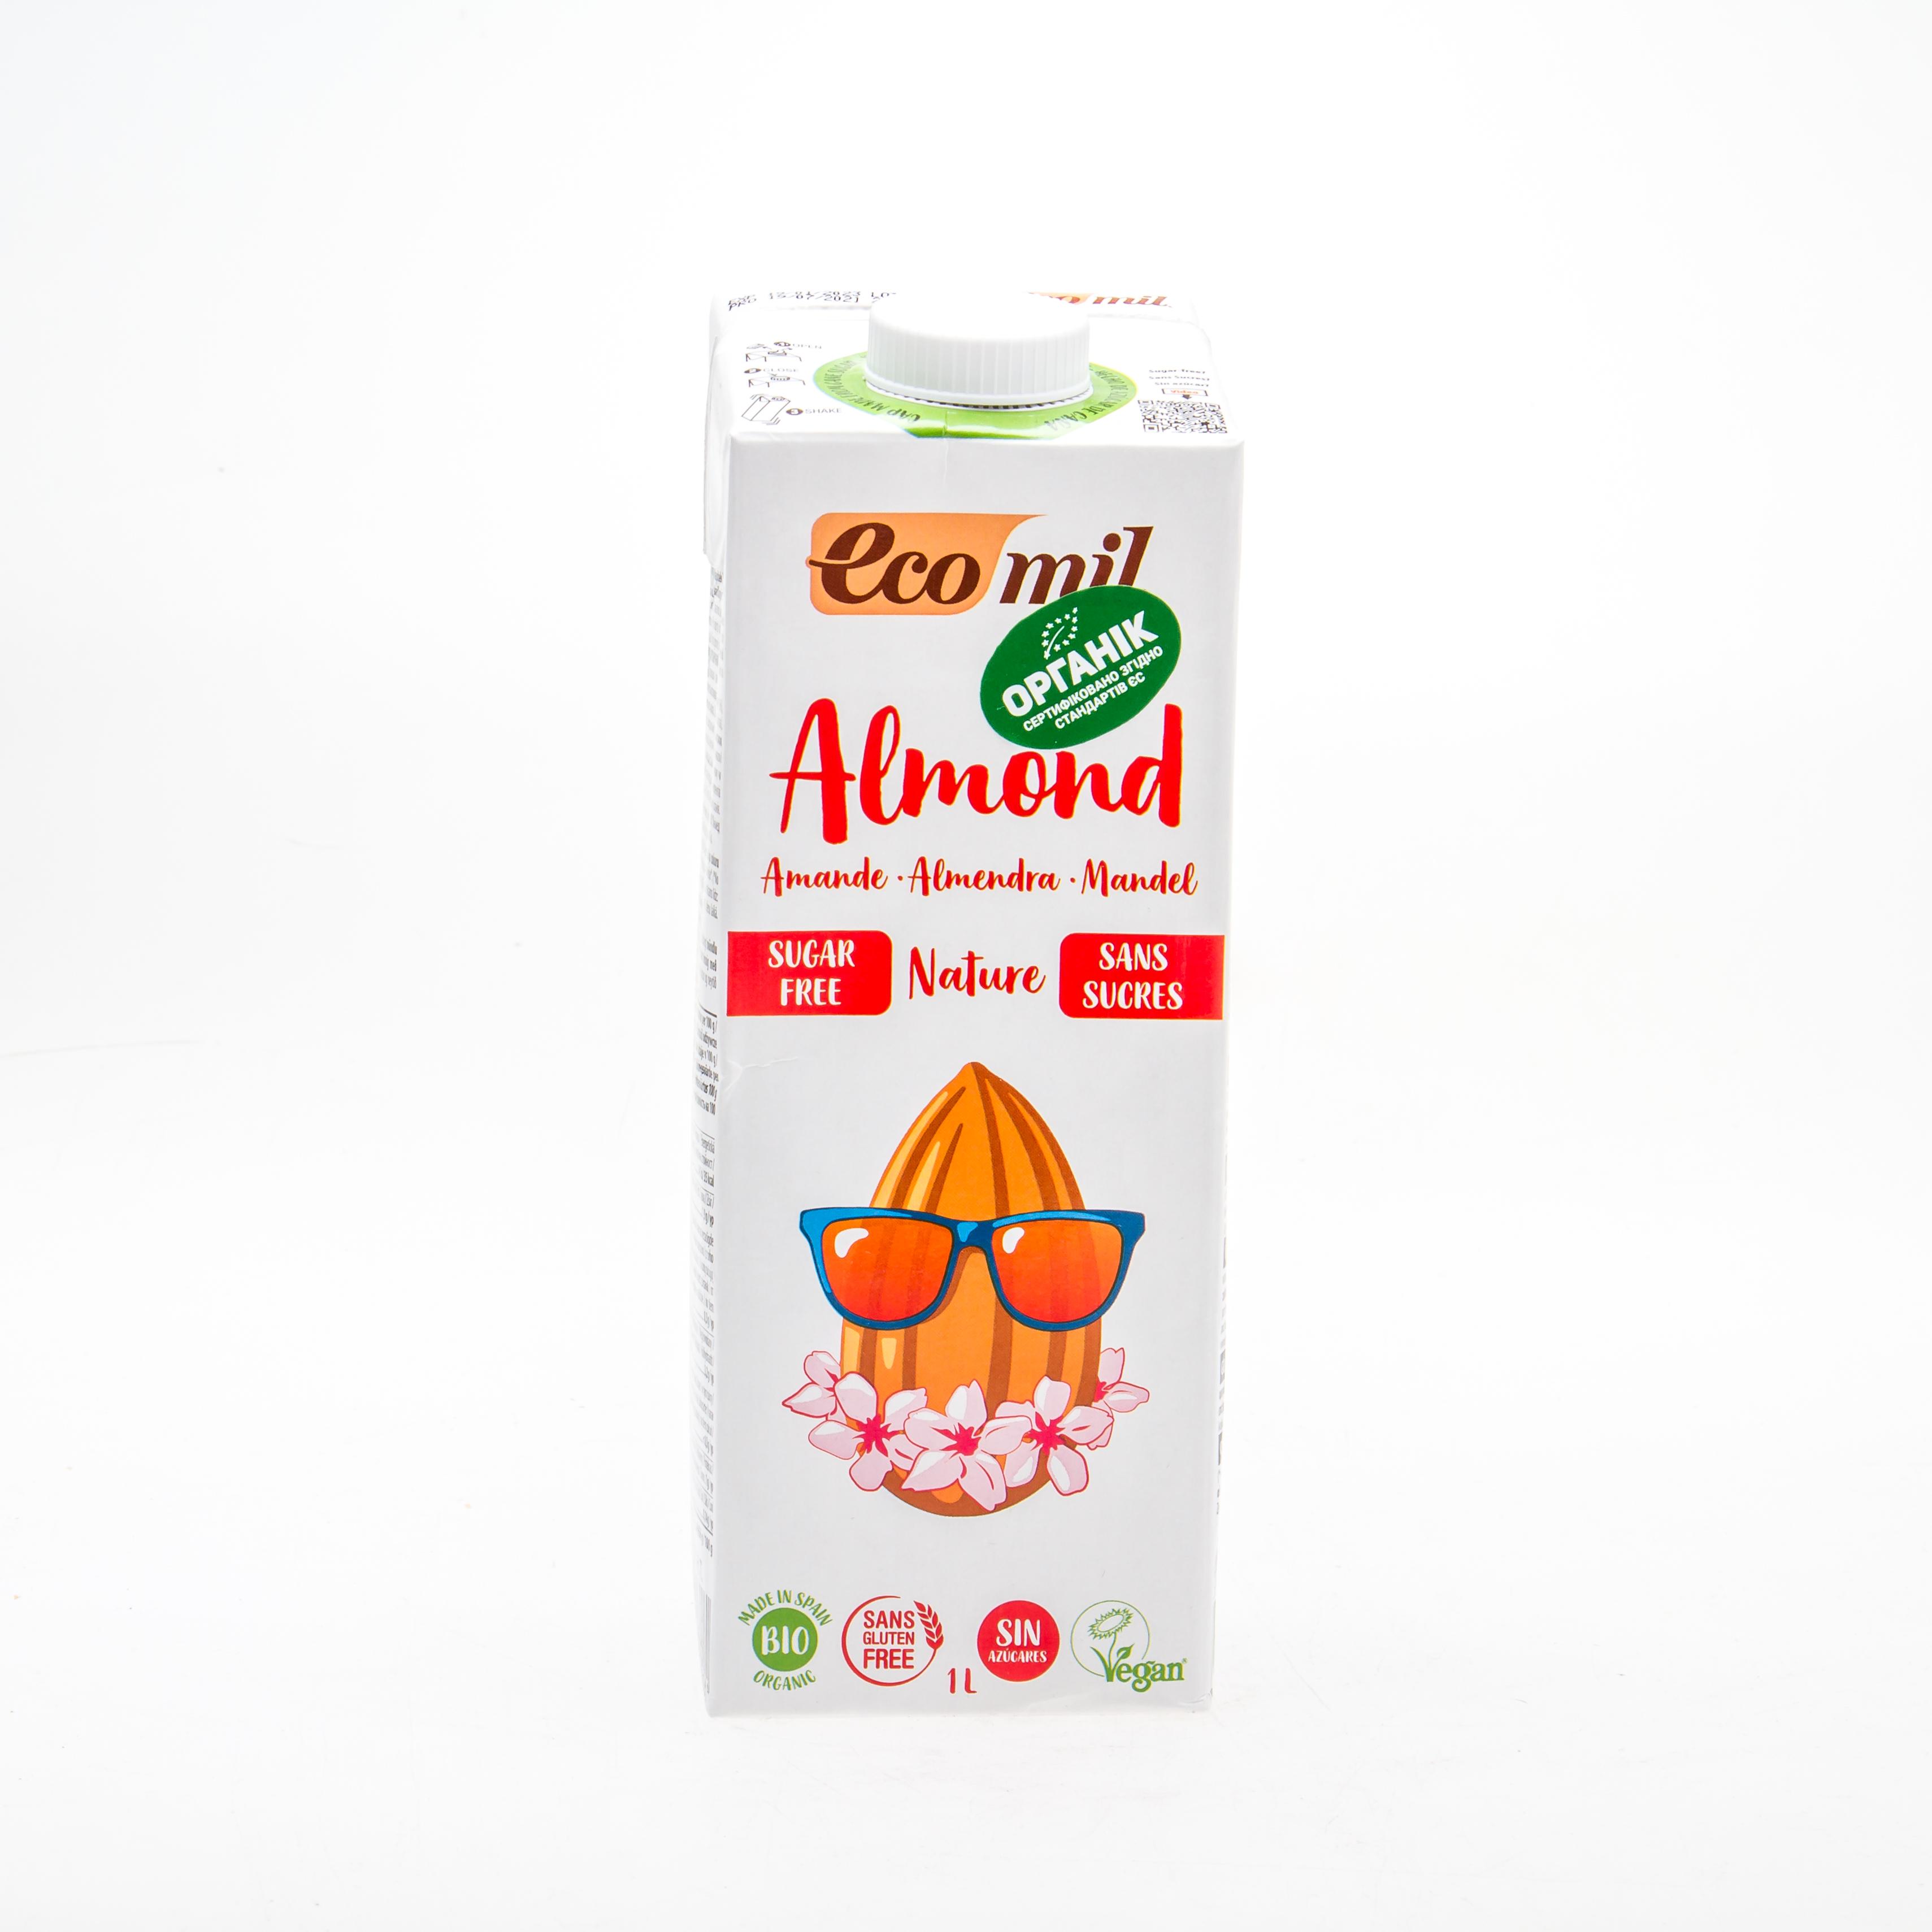 Органічне рослинне молоко з мигдалю без цукру 1л - купить в интернет-магазине Юнимед